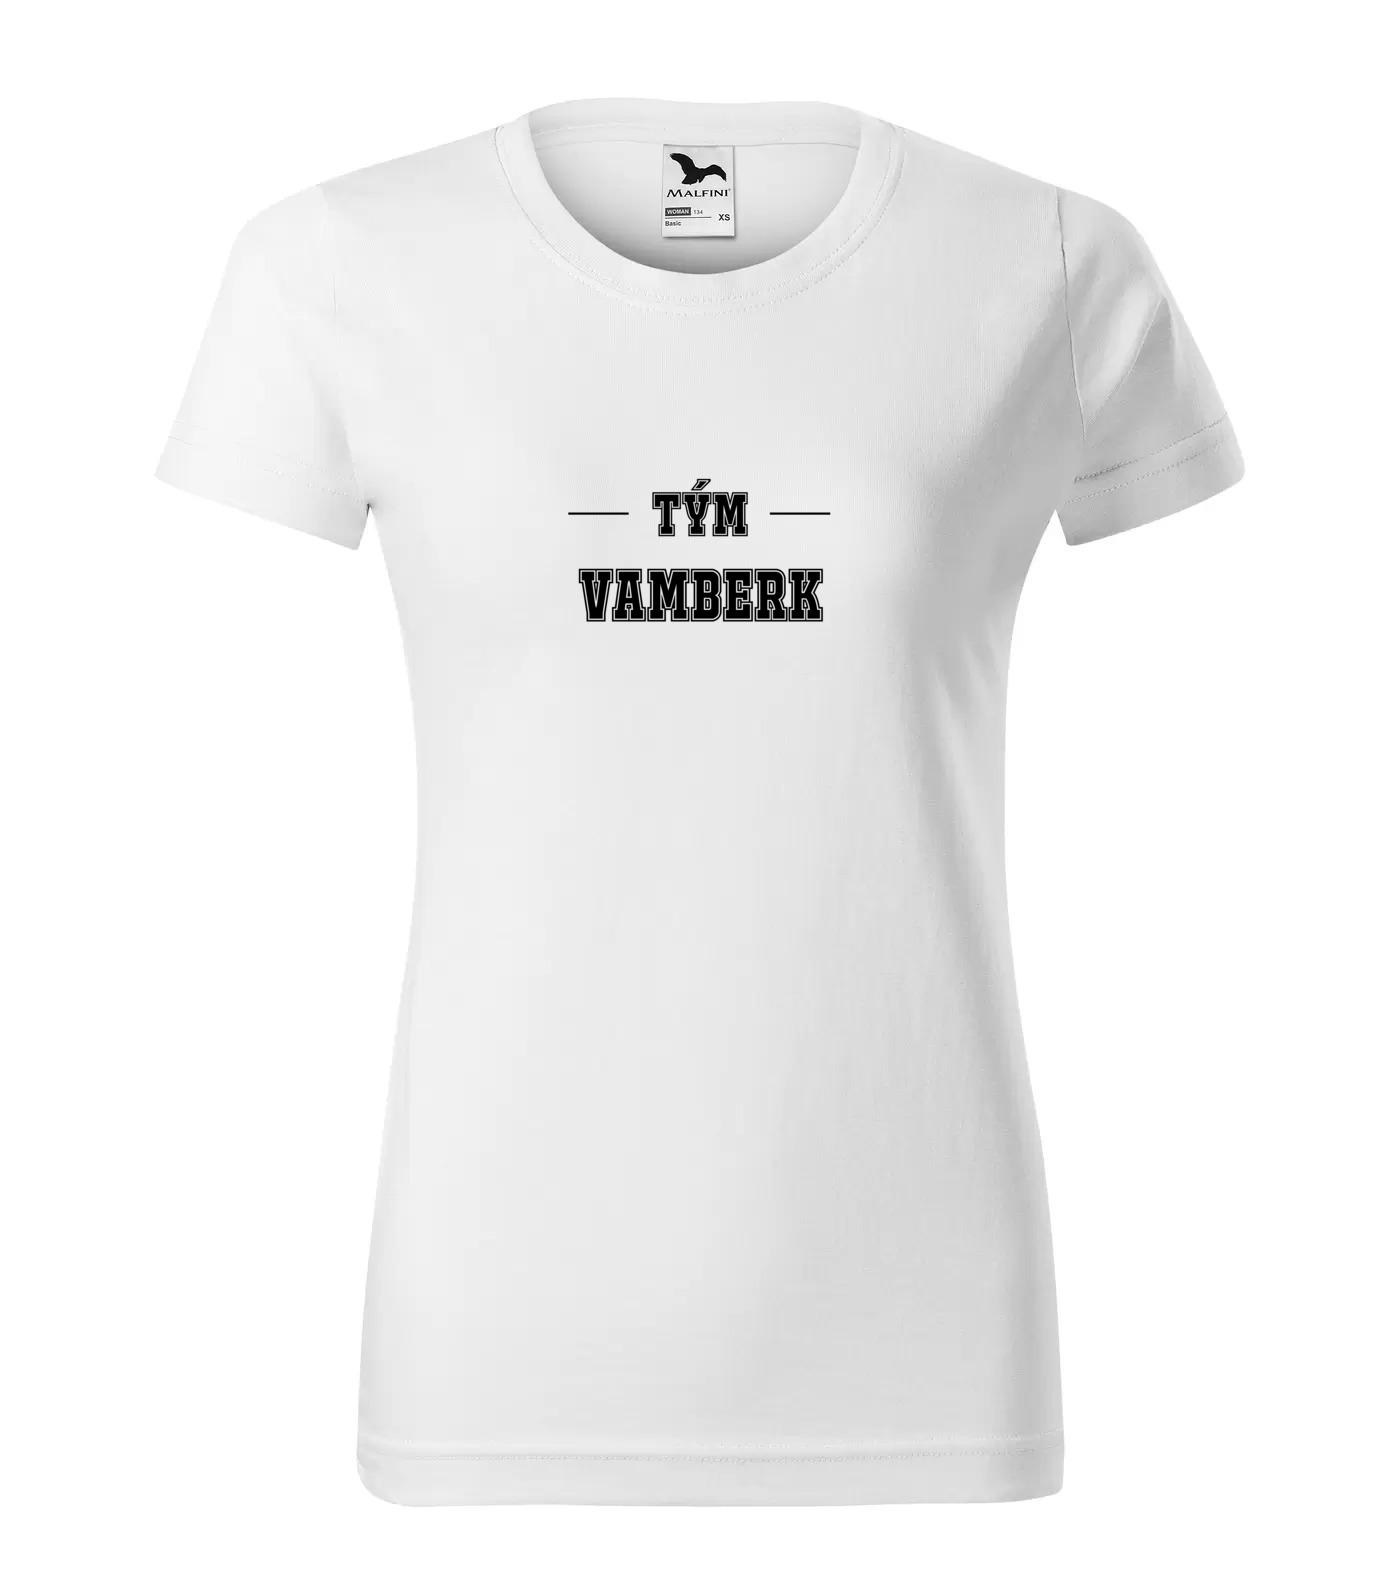 Tričko Tým Vamberk